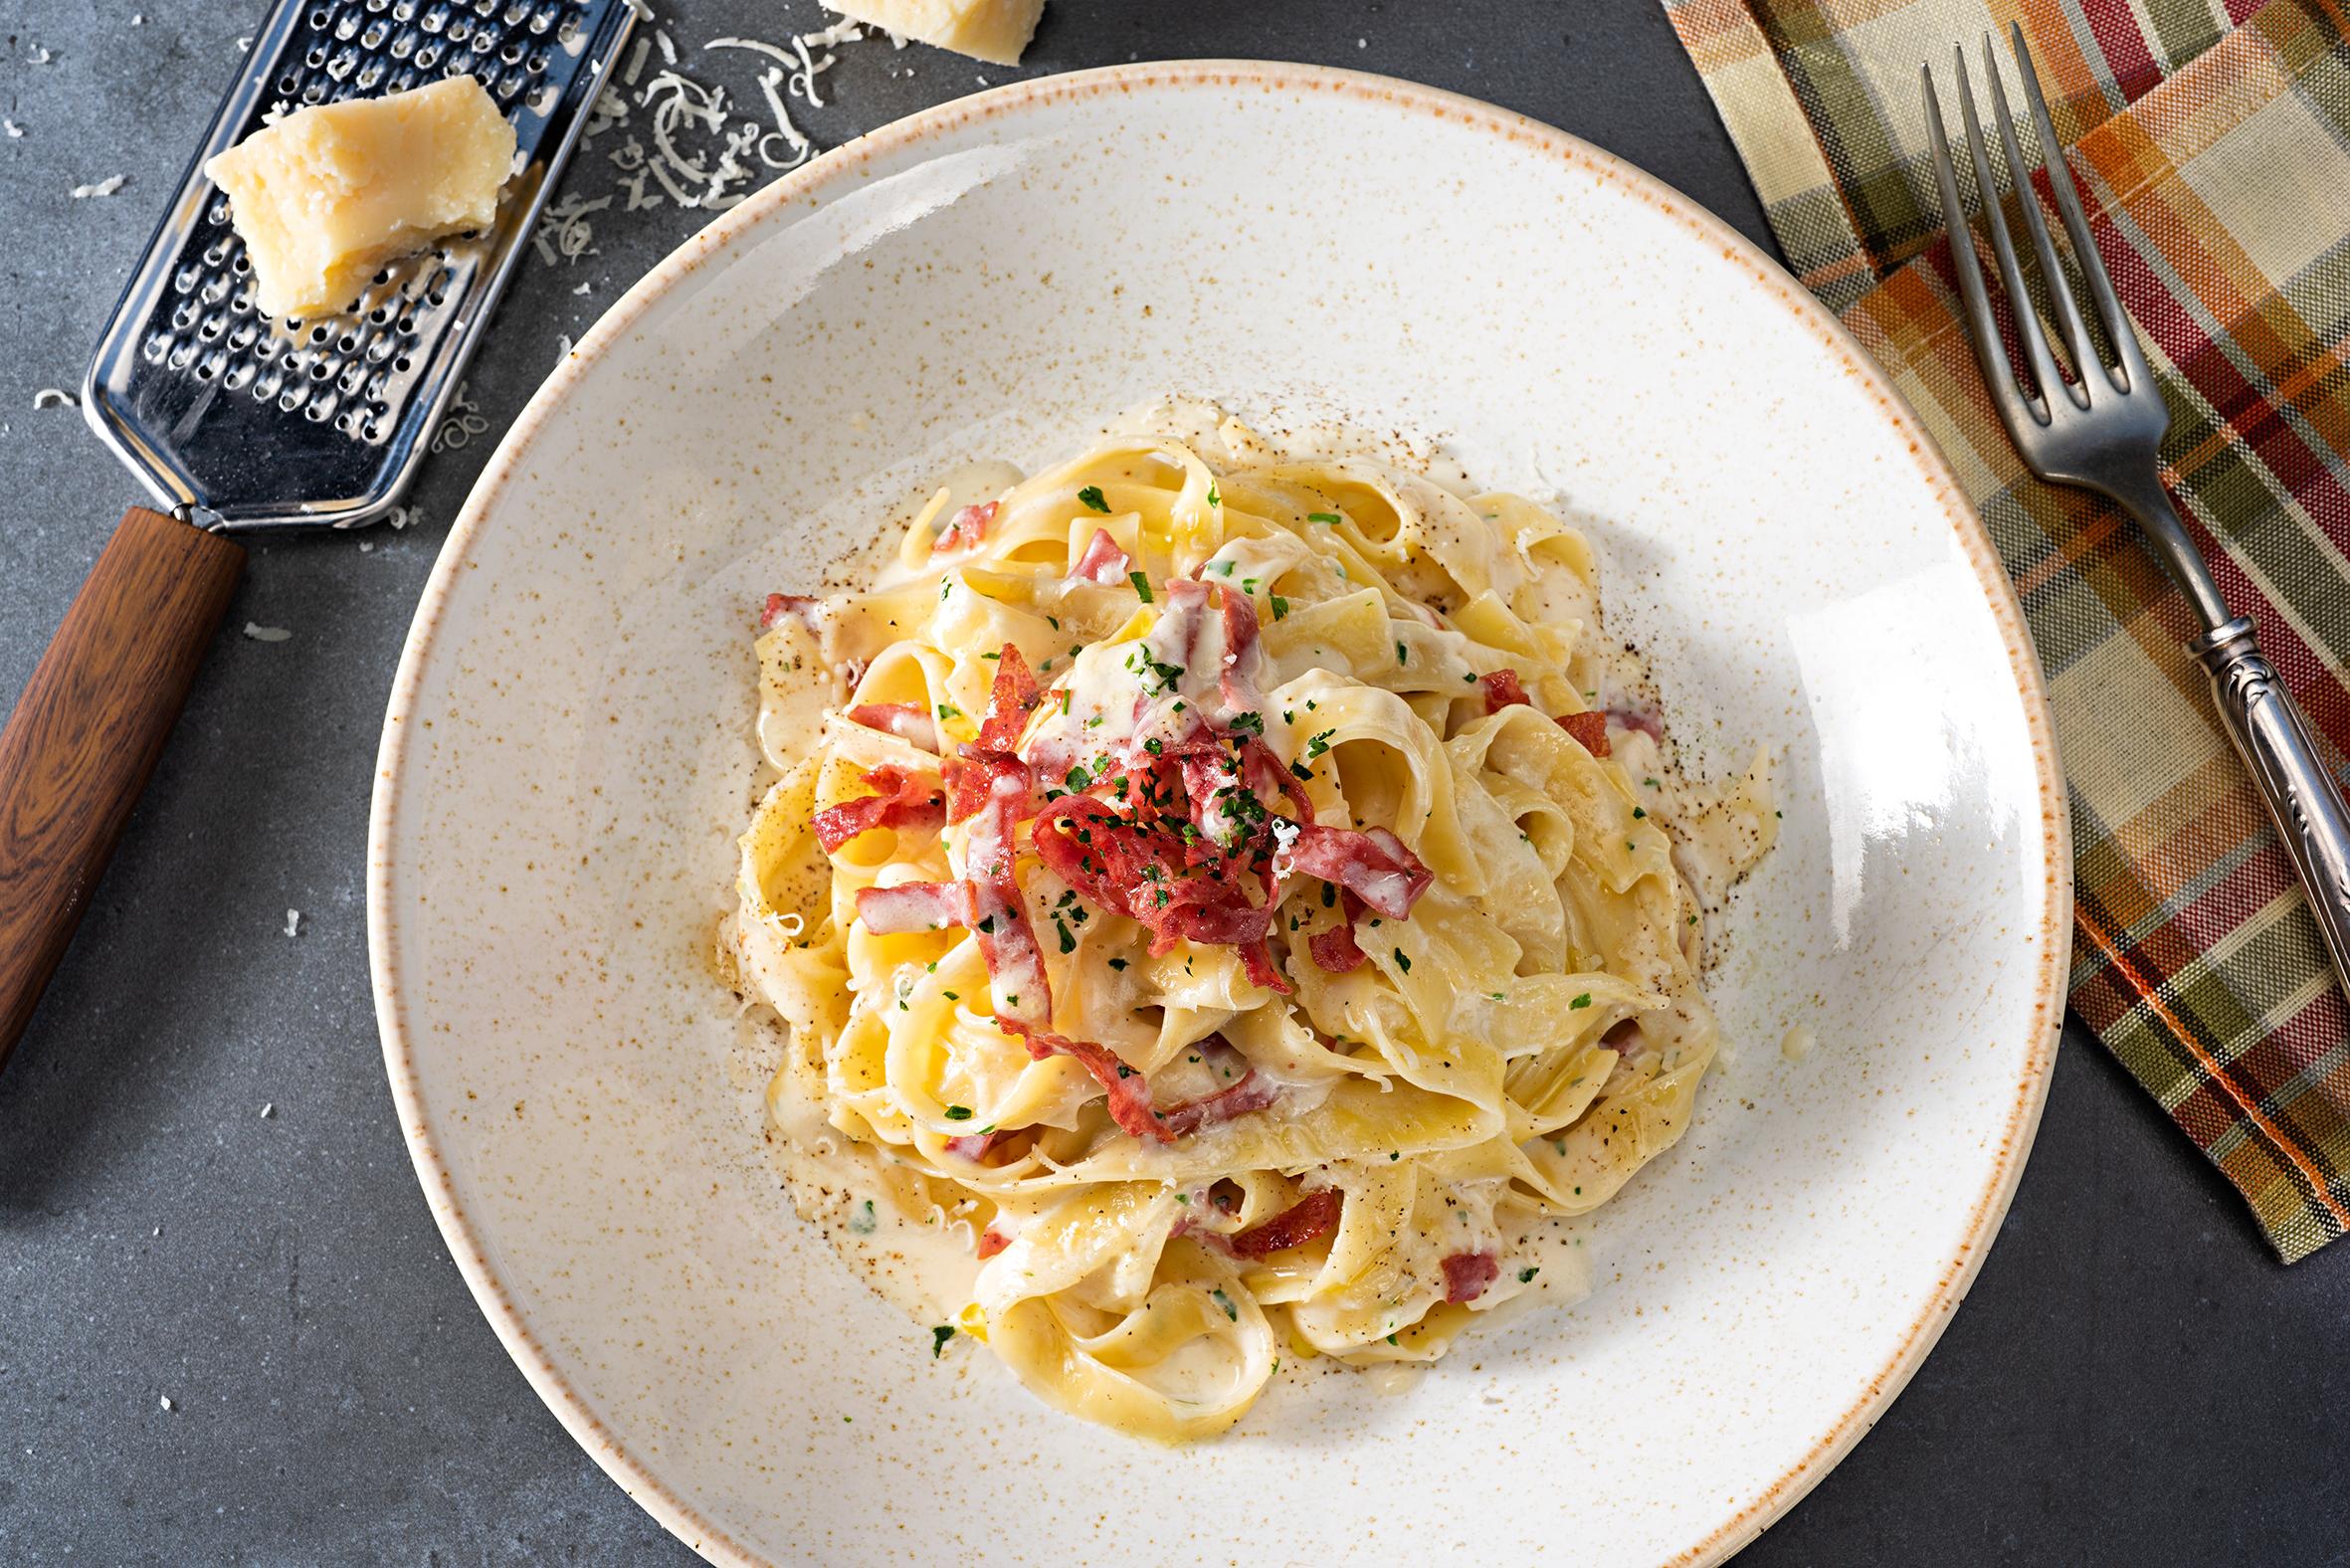 Prosciutto and Parmesan Pasta